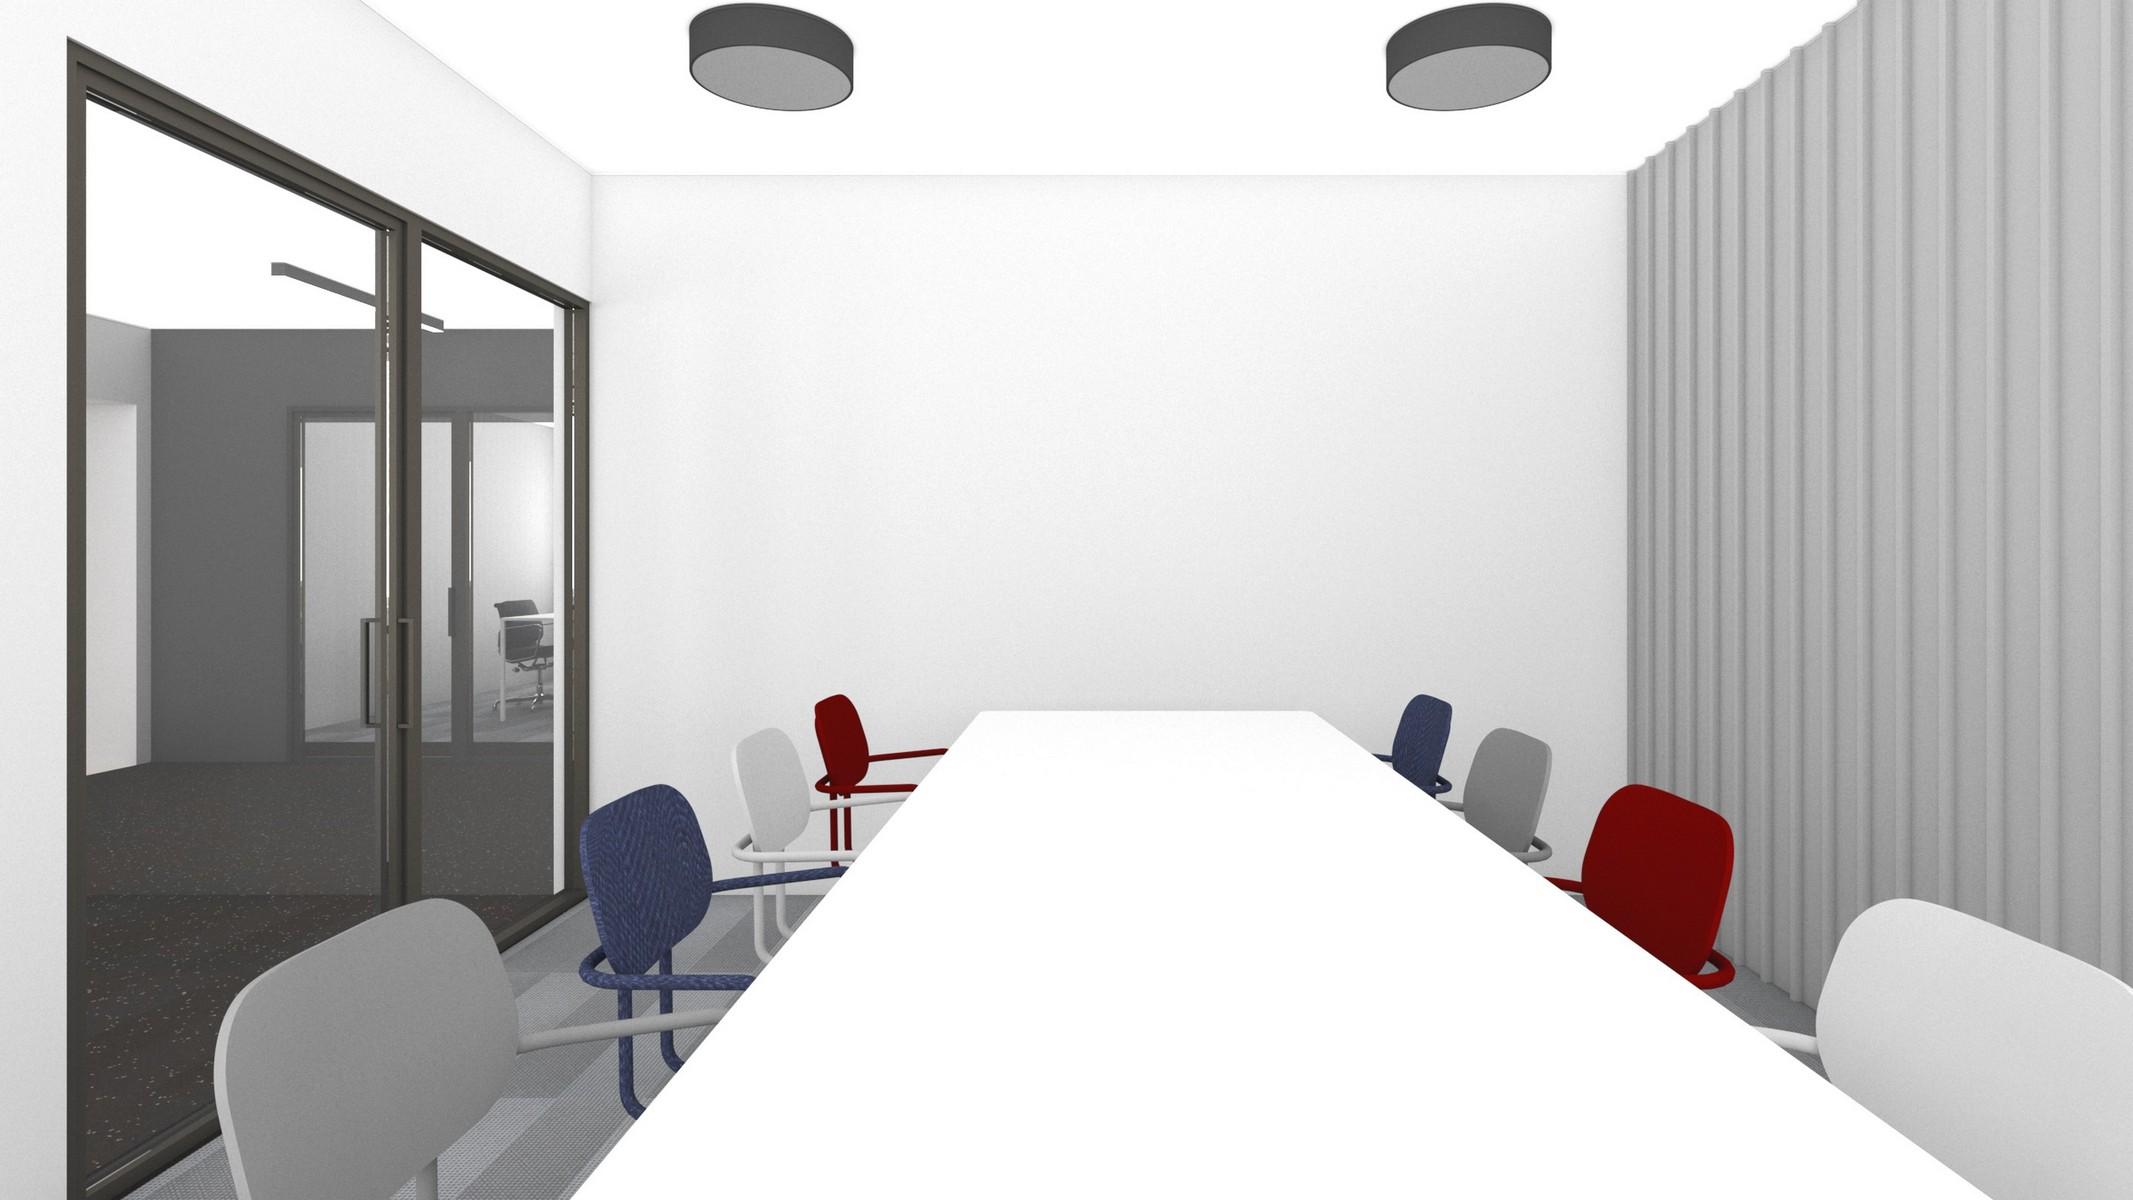 pokoj-konferencyjny-w-kolorach-bialo-szarych-kolorowe-krzesla